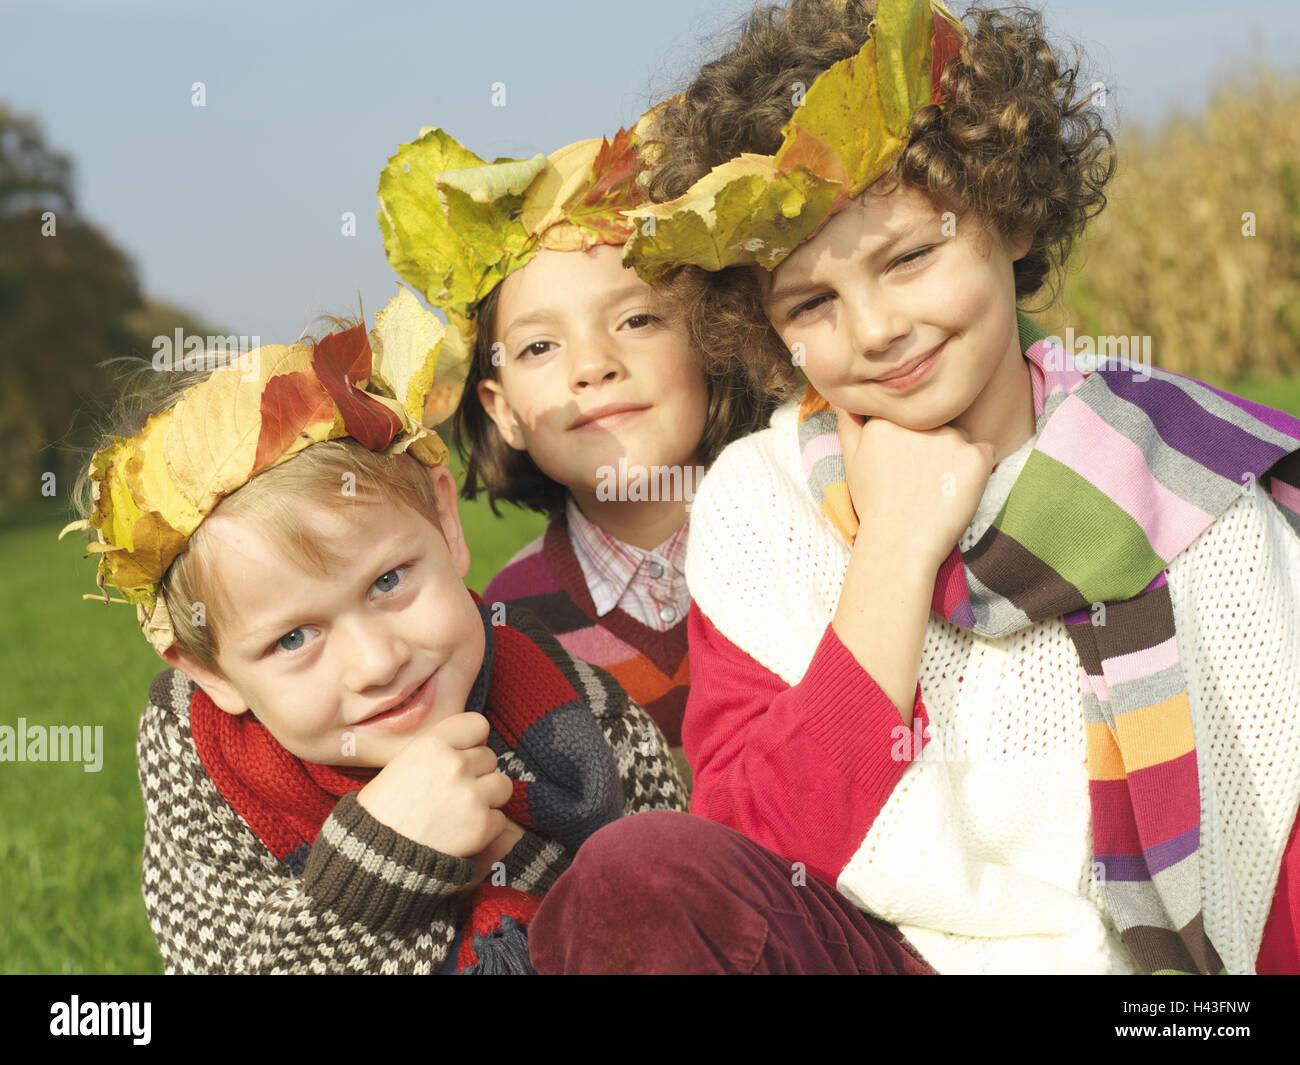 Kinder, Mädchen, junge, Blatt Felgen, glücklich, Gruppenbild, Herbst ...